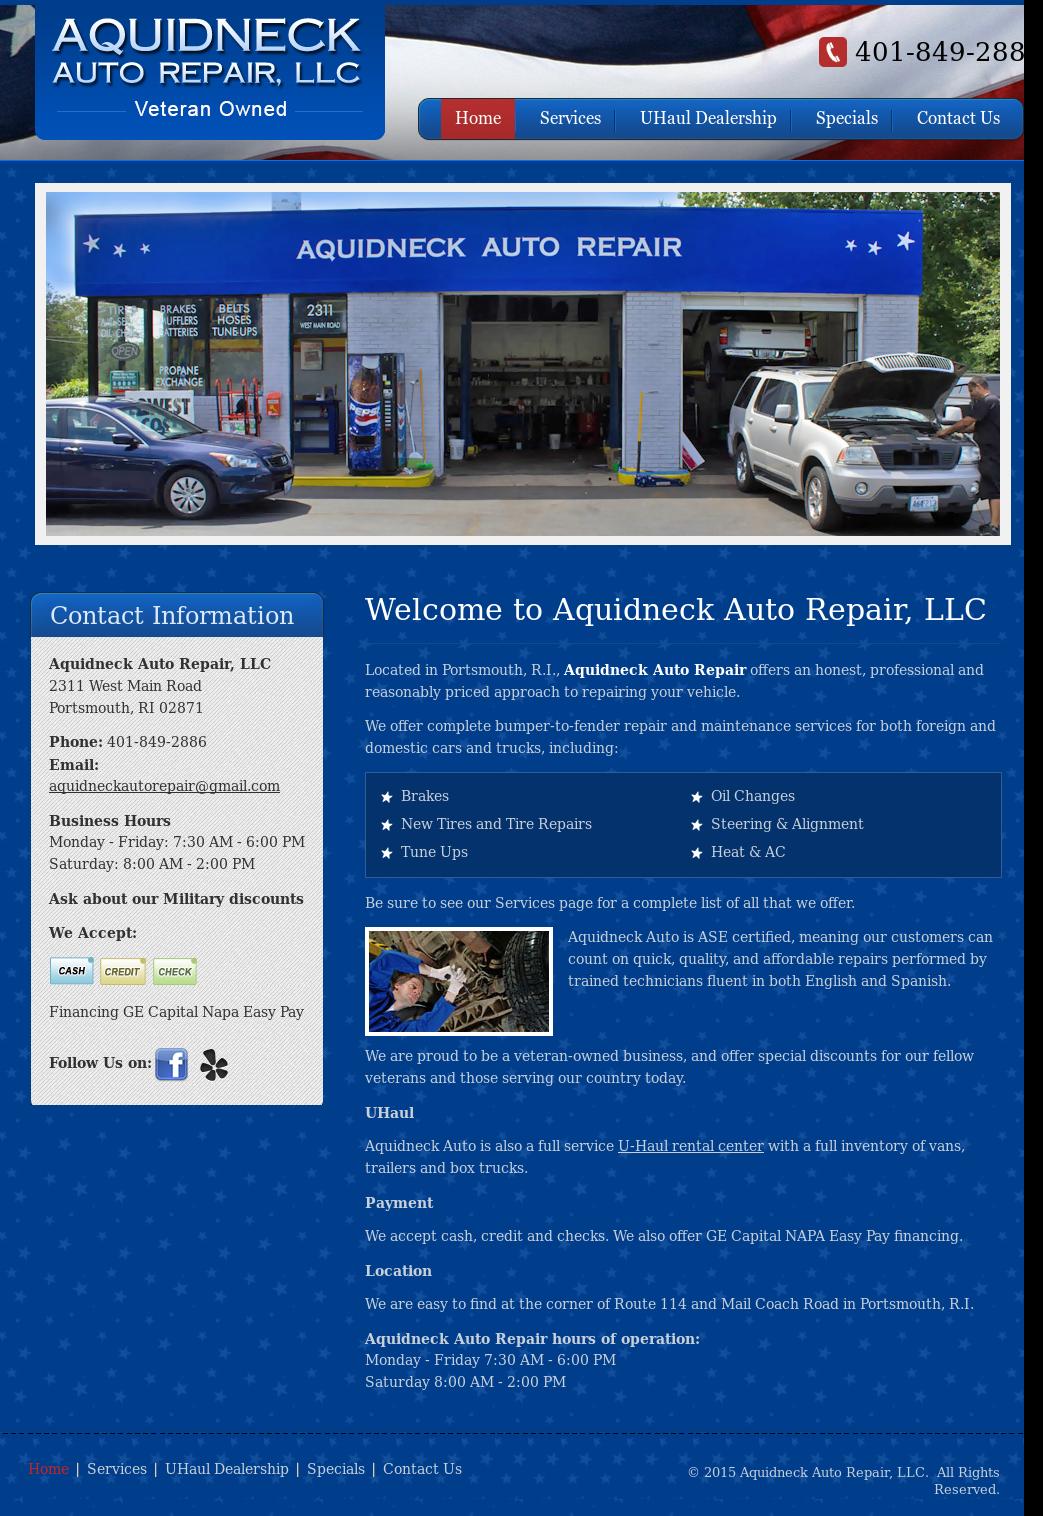 Aquidneck Auto Repair Competitors, Revenue and Employees